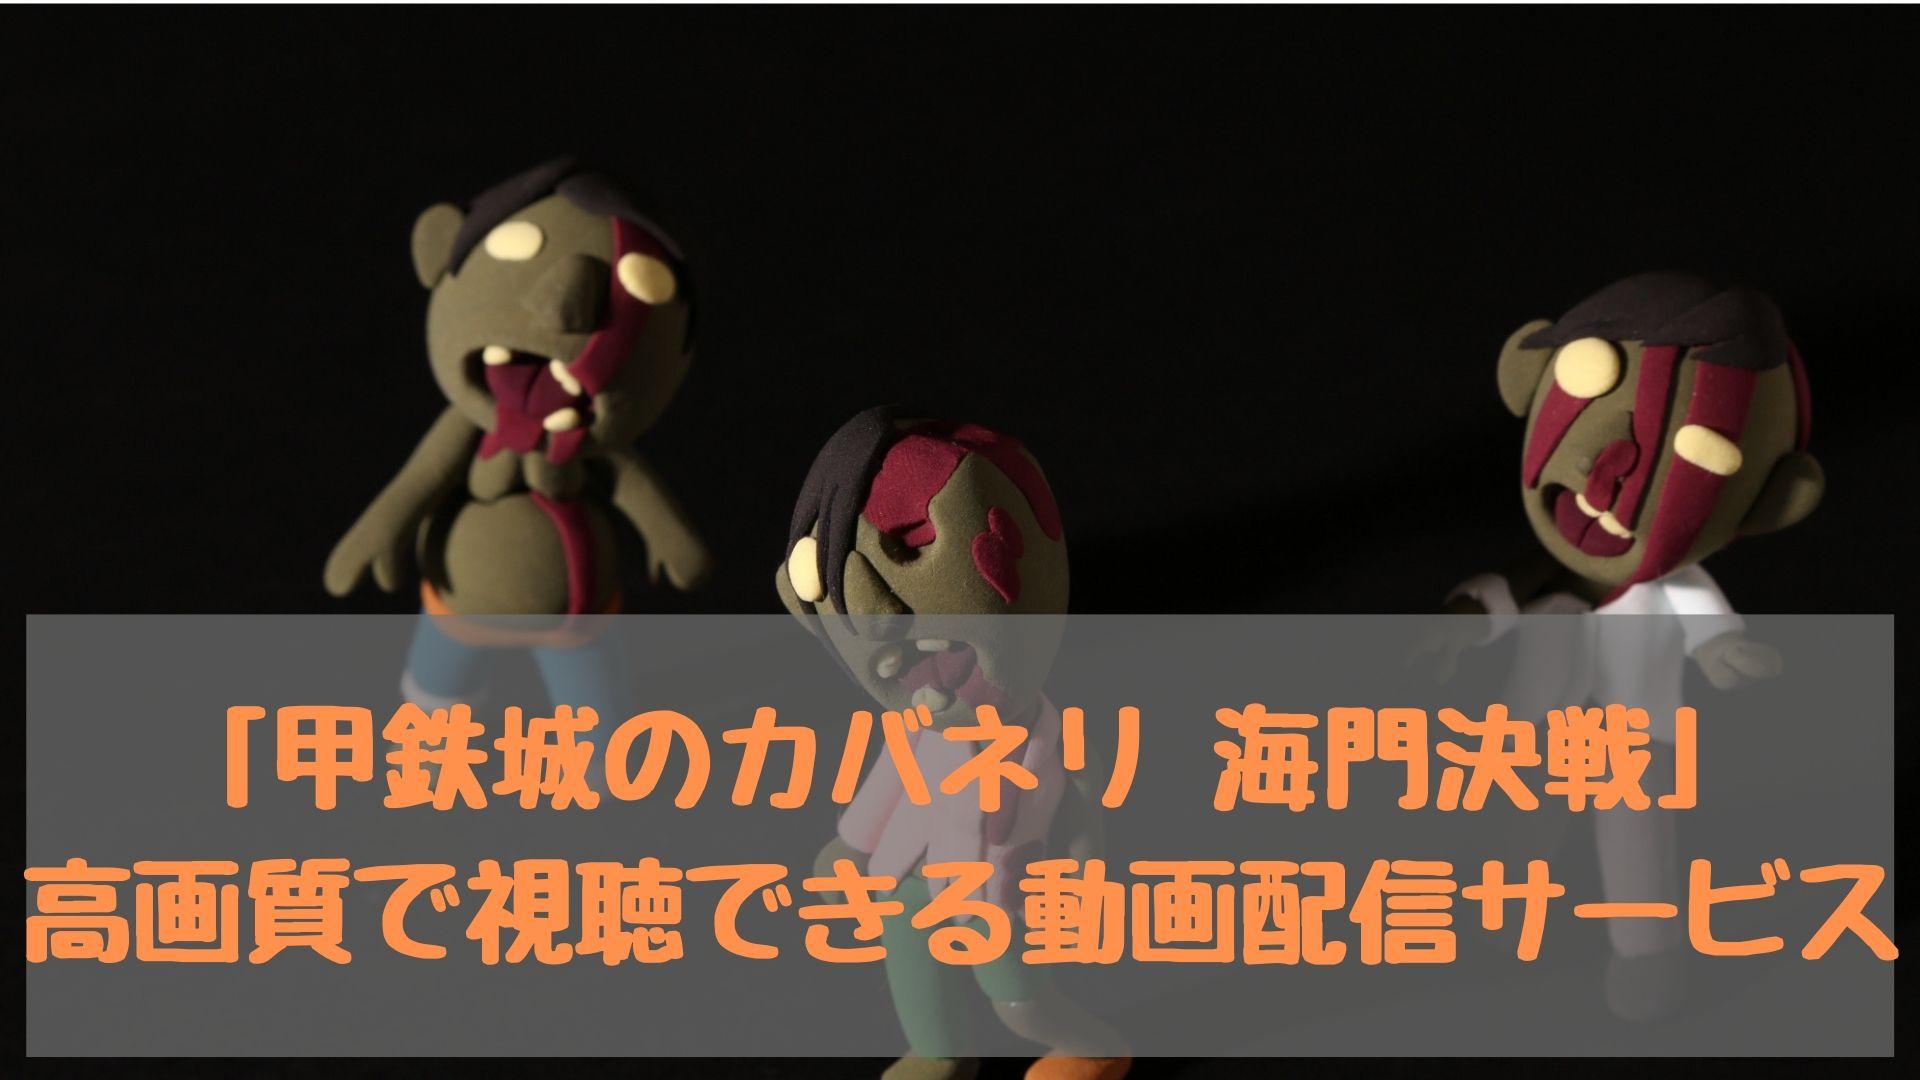 「甲鉄城のカバネリ 海門決戦」の動画!高画質で視聴できる動画配信サービスまとめ!